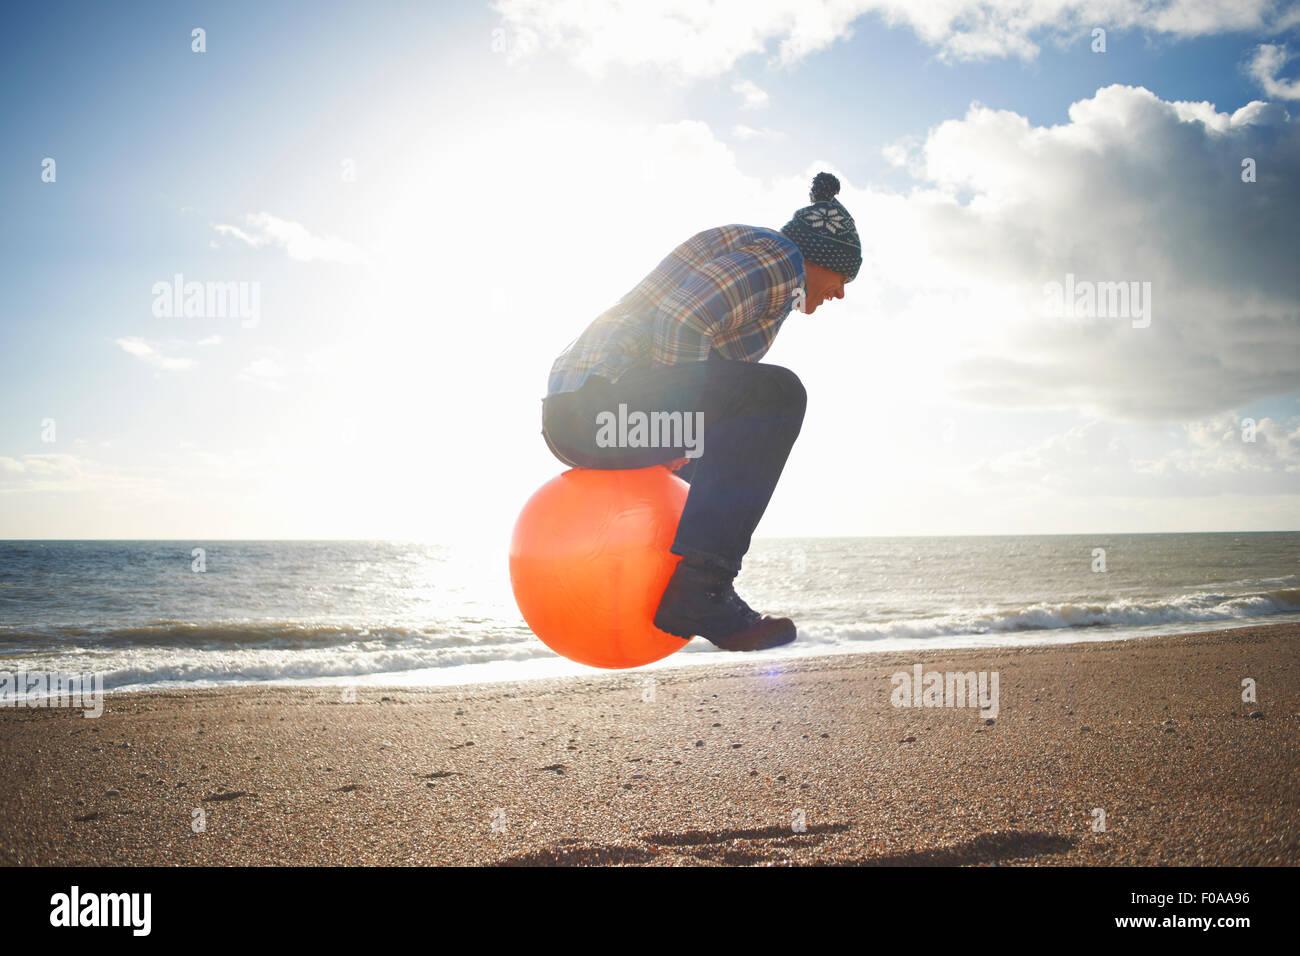 Reifer Mann springen Luft auf aufblasbaren Trichter am Strand Stockbild